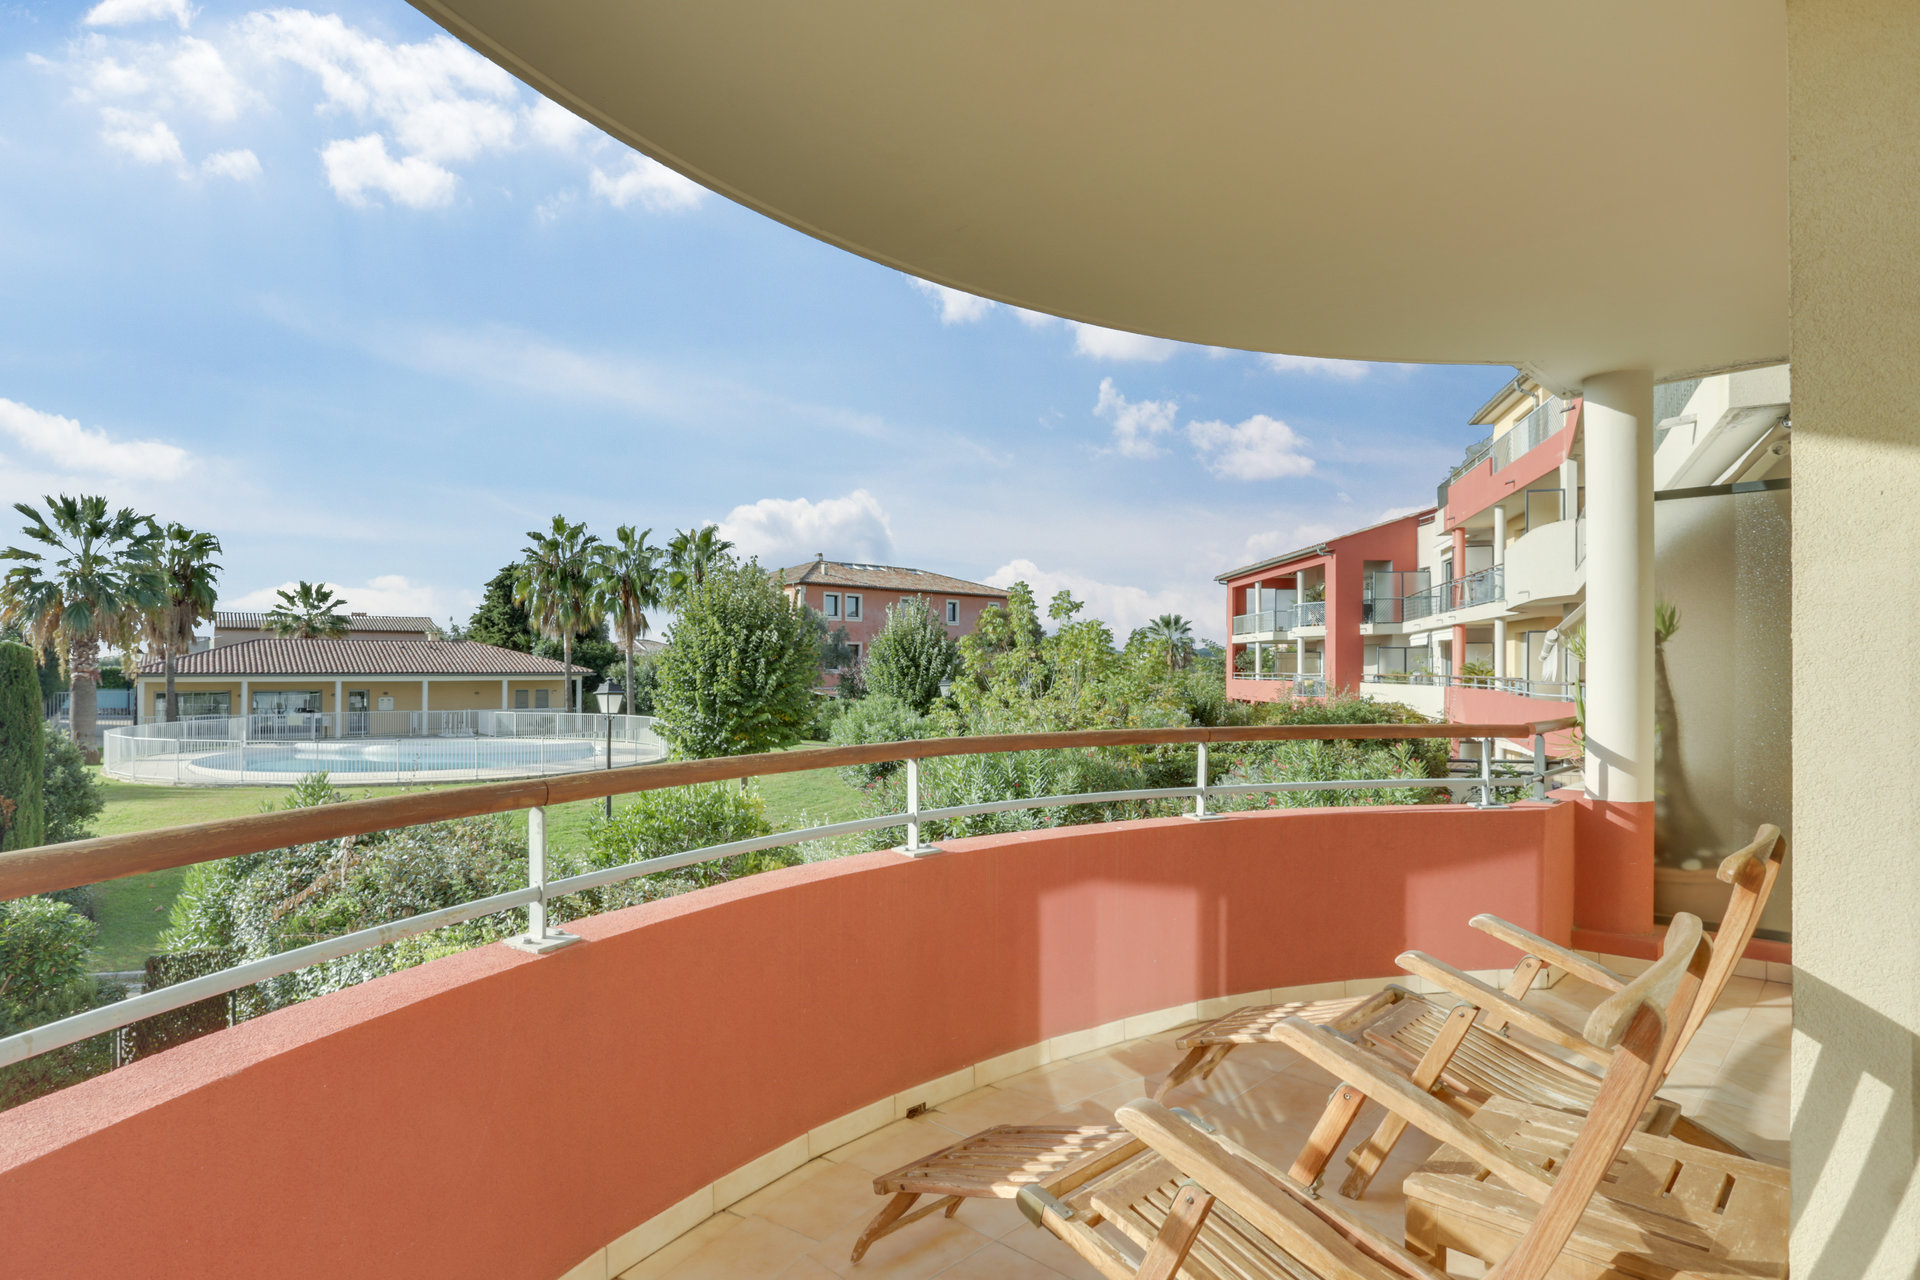 EXCLUSIVITE - BIOT - Quartier La Chèvre d'or -  Spacieux 3 pièces avec 2 terrasses